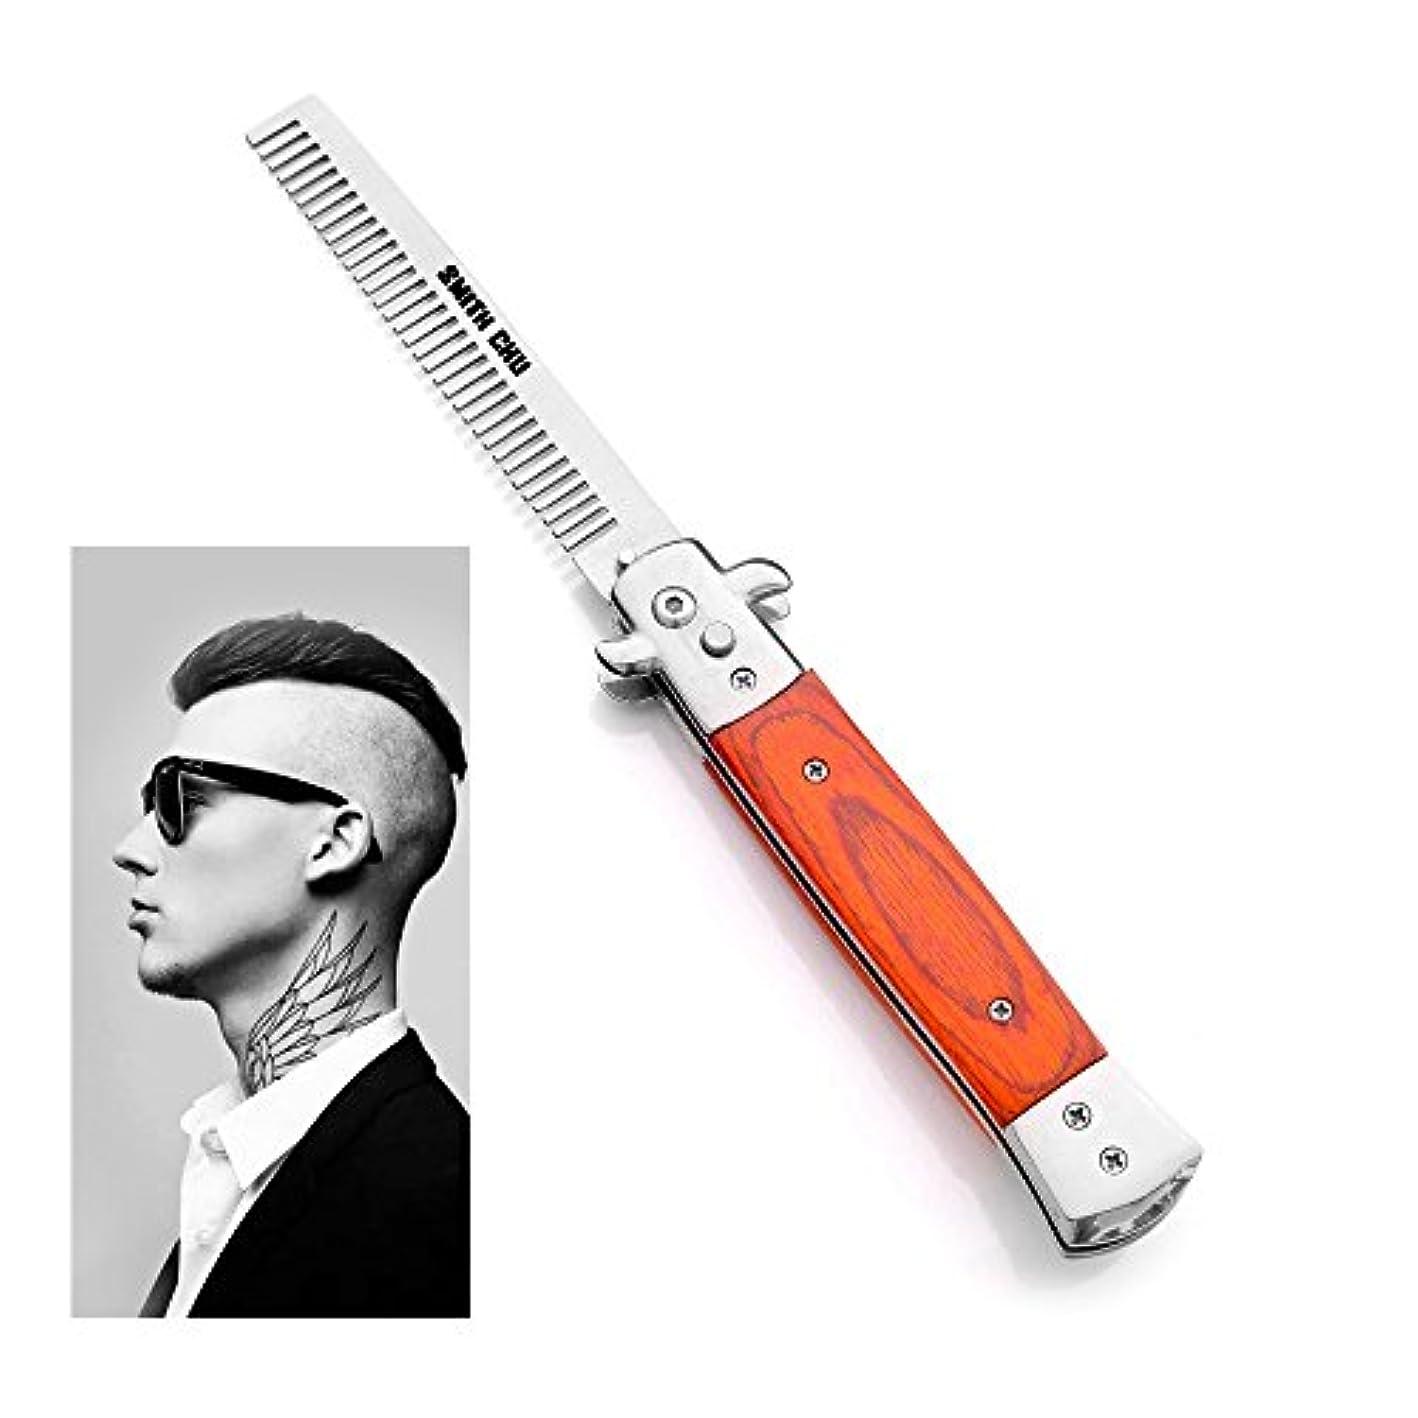 武器所得解任Dream Real 自動ステンレス鋼バタフライナイフ型 櫛 持ち運び 携帯 コンパクト ポケットサイズ 美容 折り畳み可能なナイフブラシメンズ用 (オレンジ)